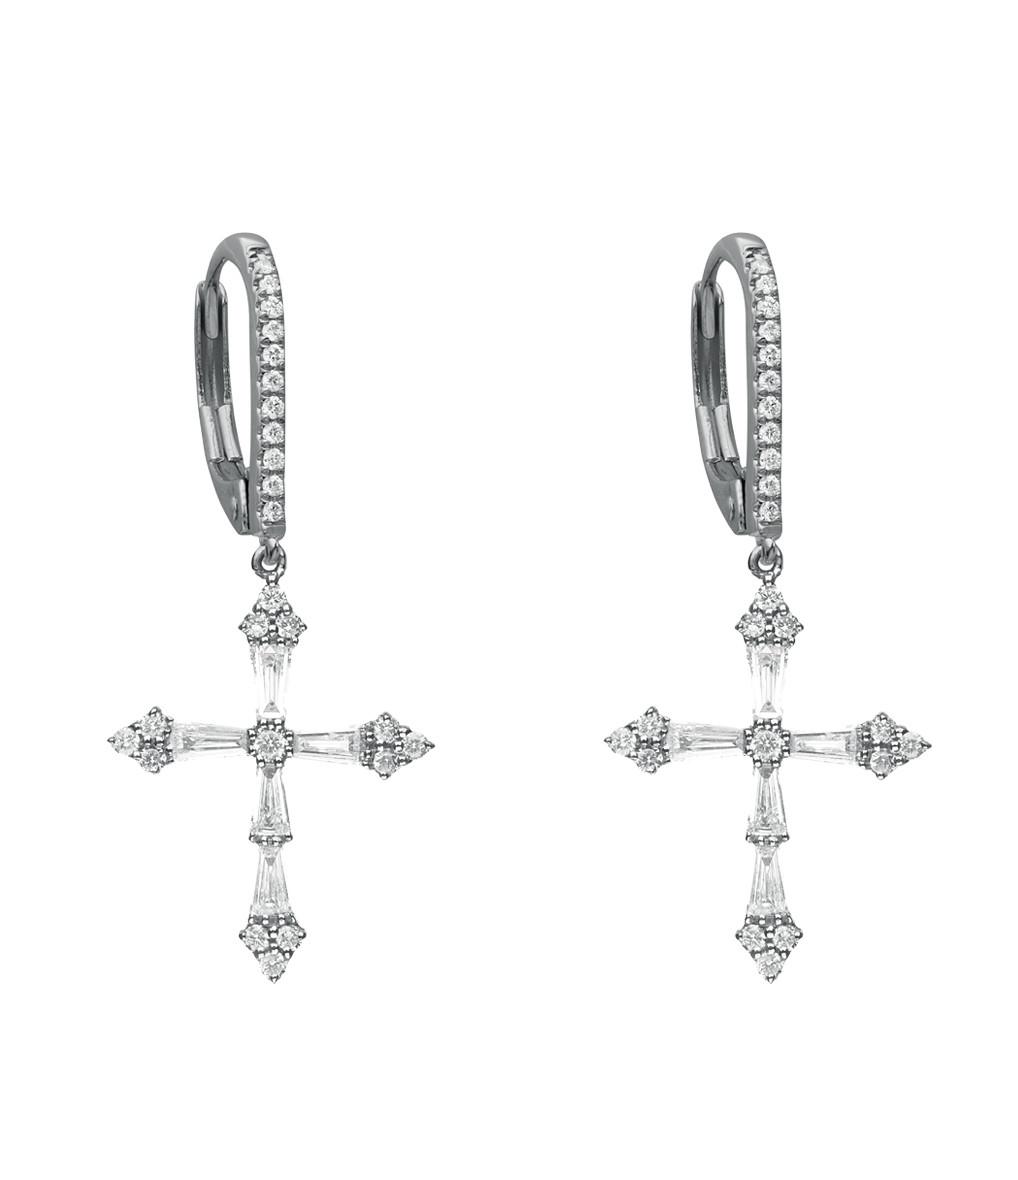 STONE PARIS - Boucles d'oreilles Heaven Diamants